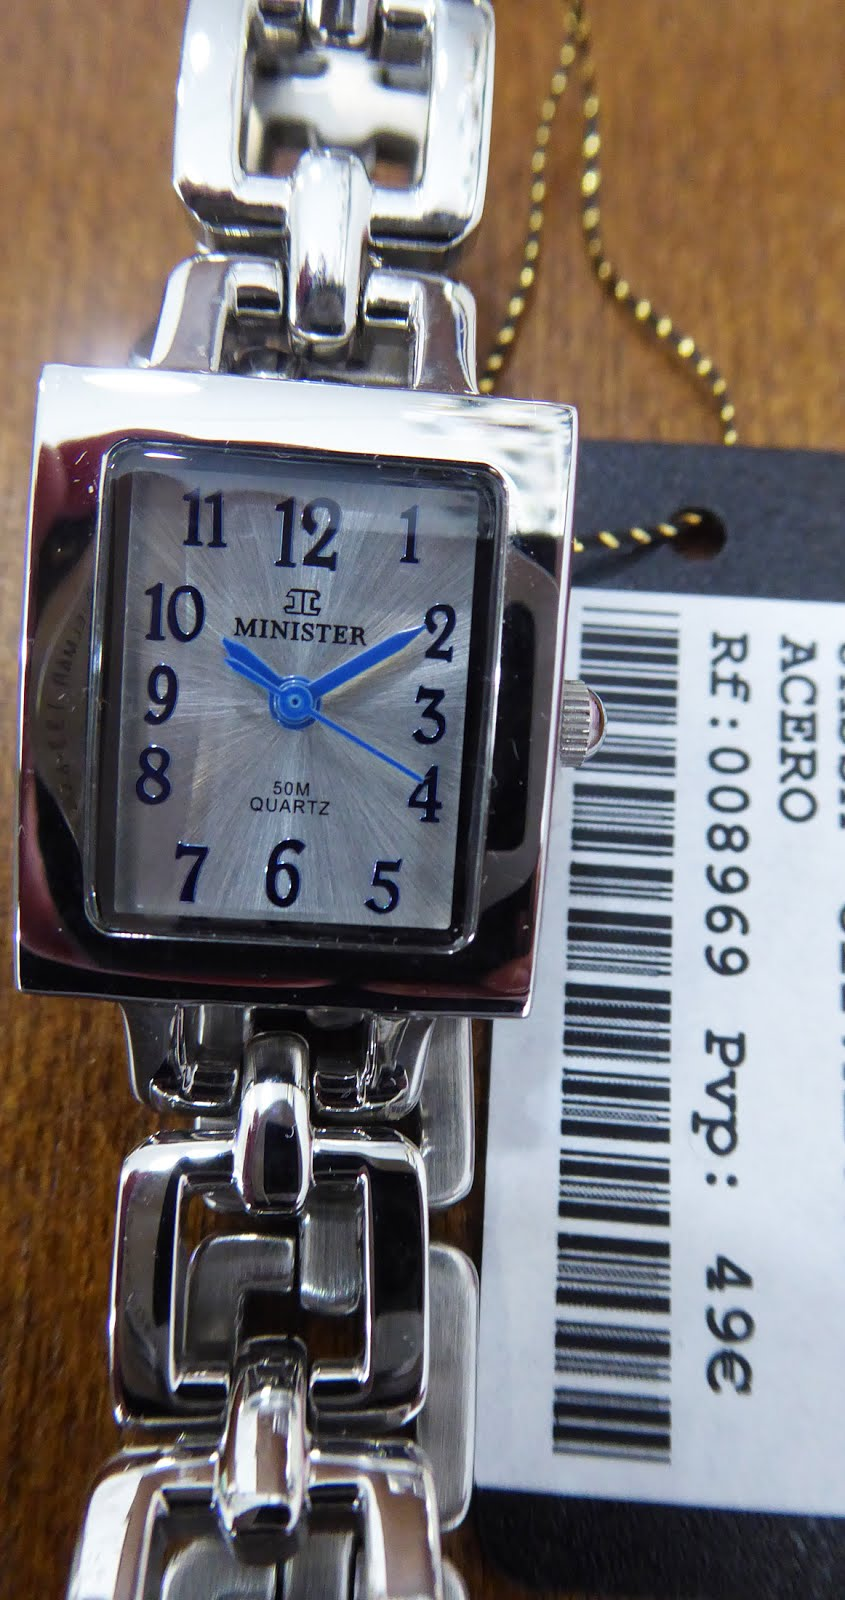 Reloj Minister Acero